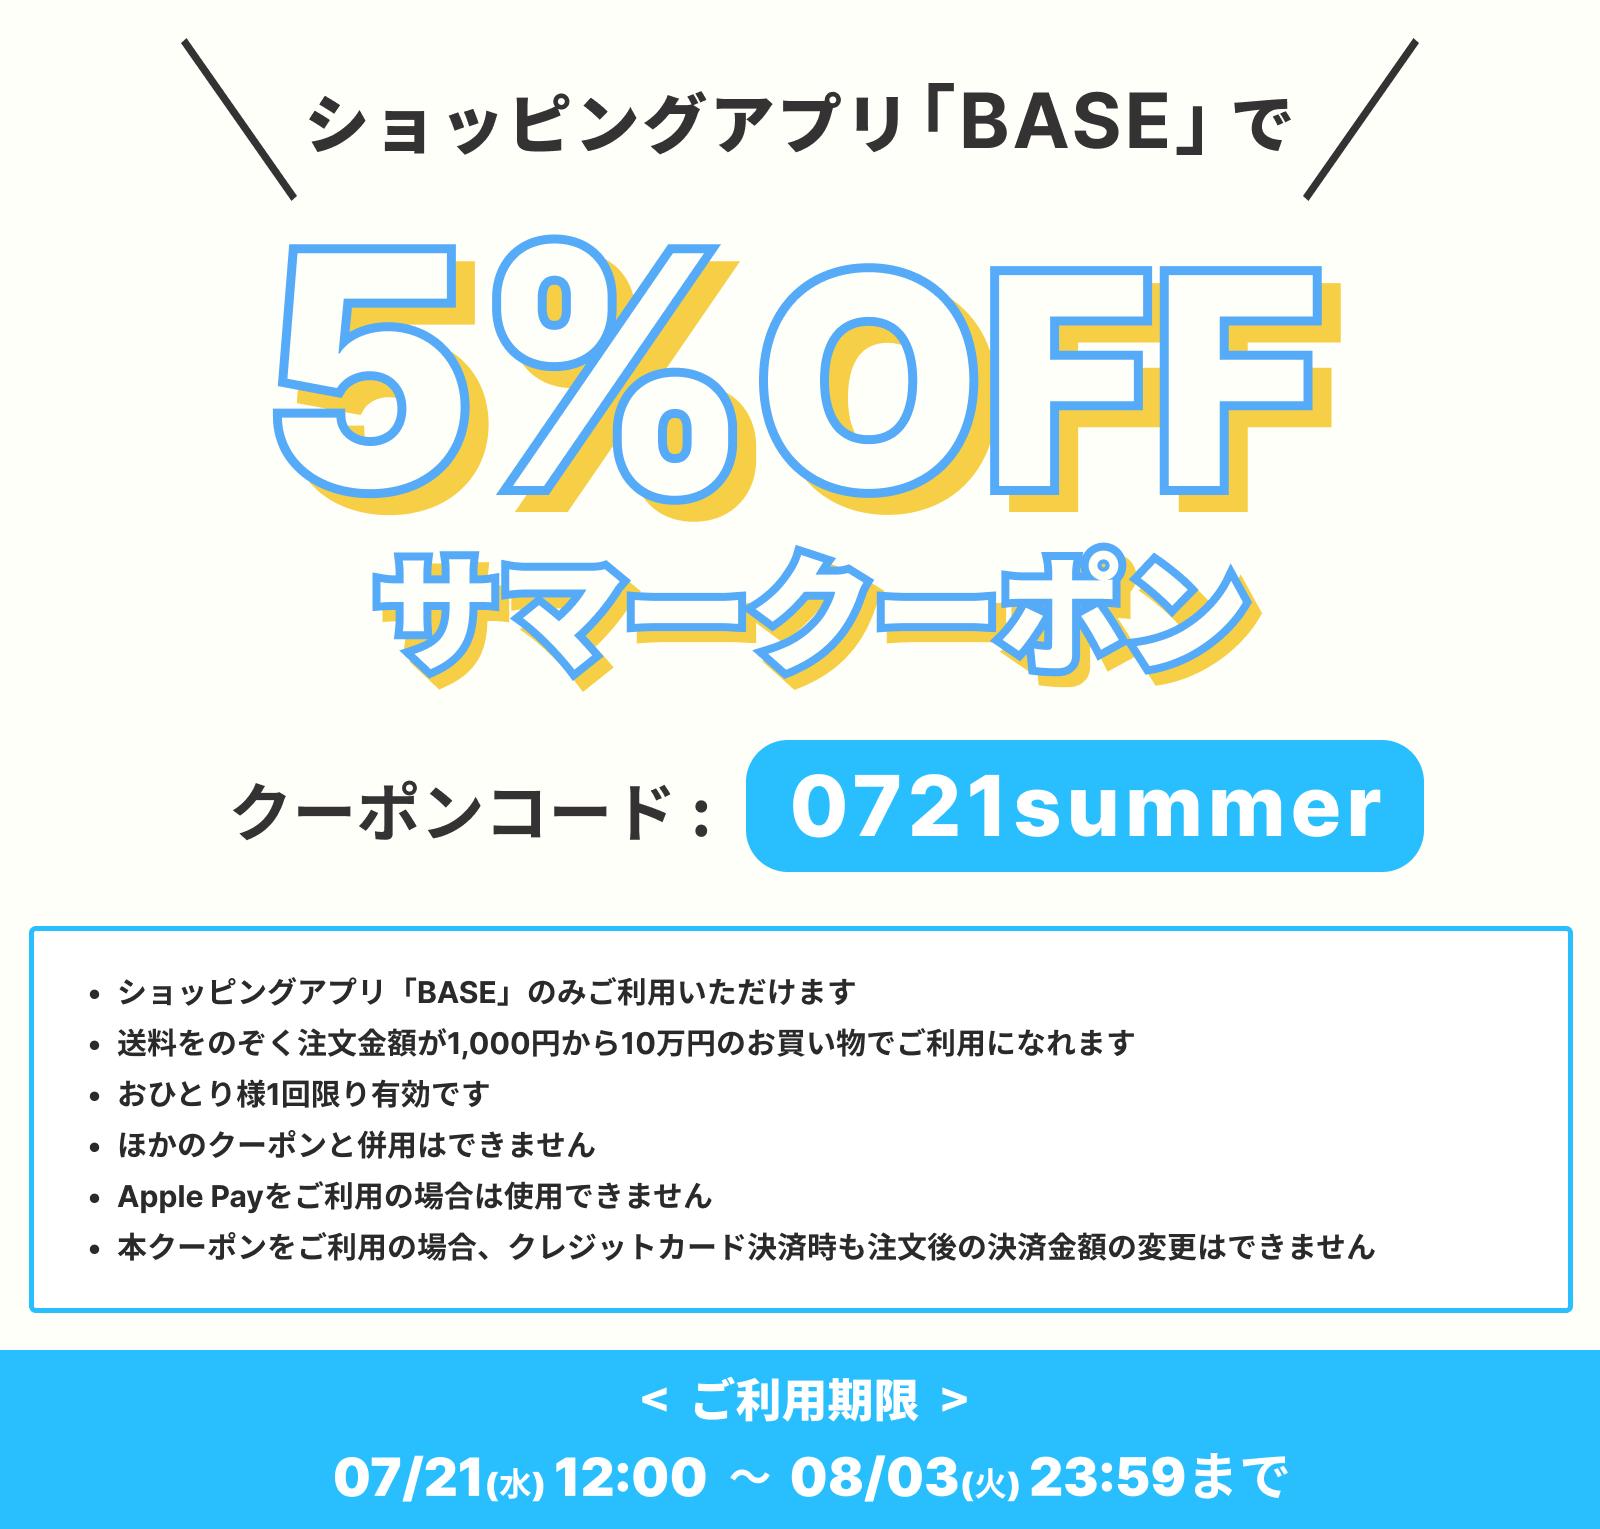 7月21日(水)〜 8月3日(火)ショッピングアプリ「BASE」でご利用いただける5%OF